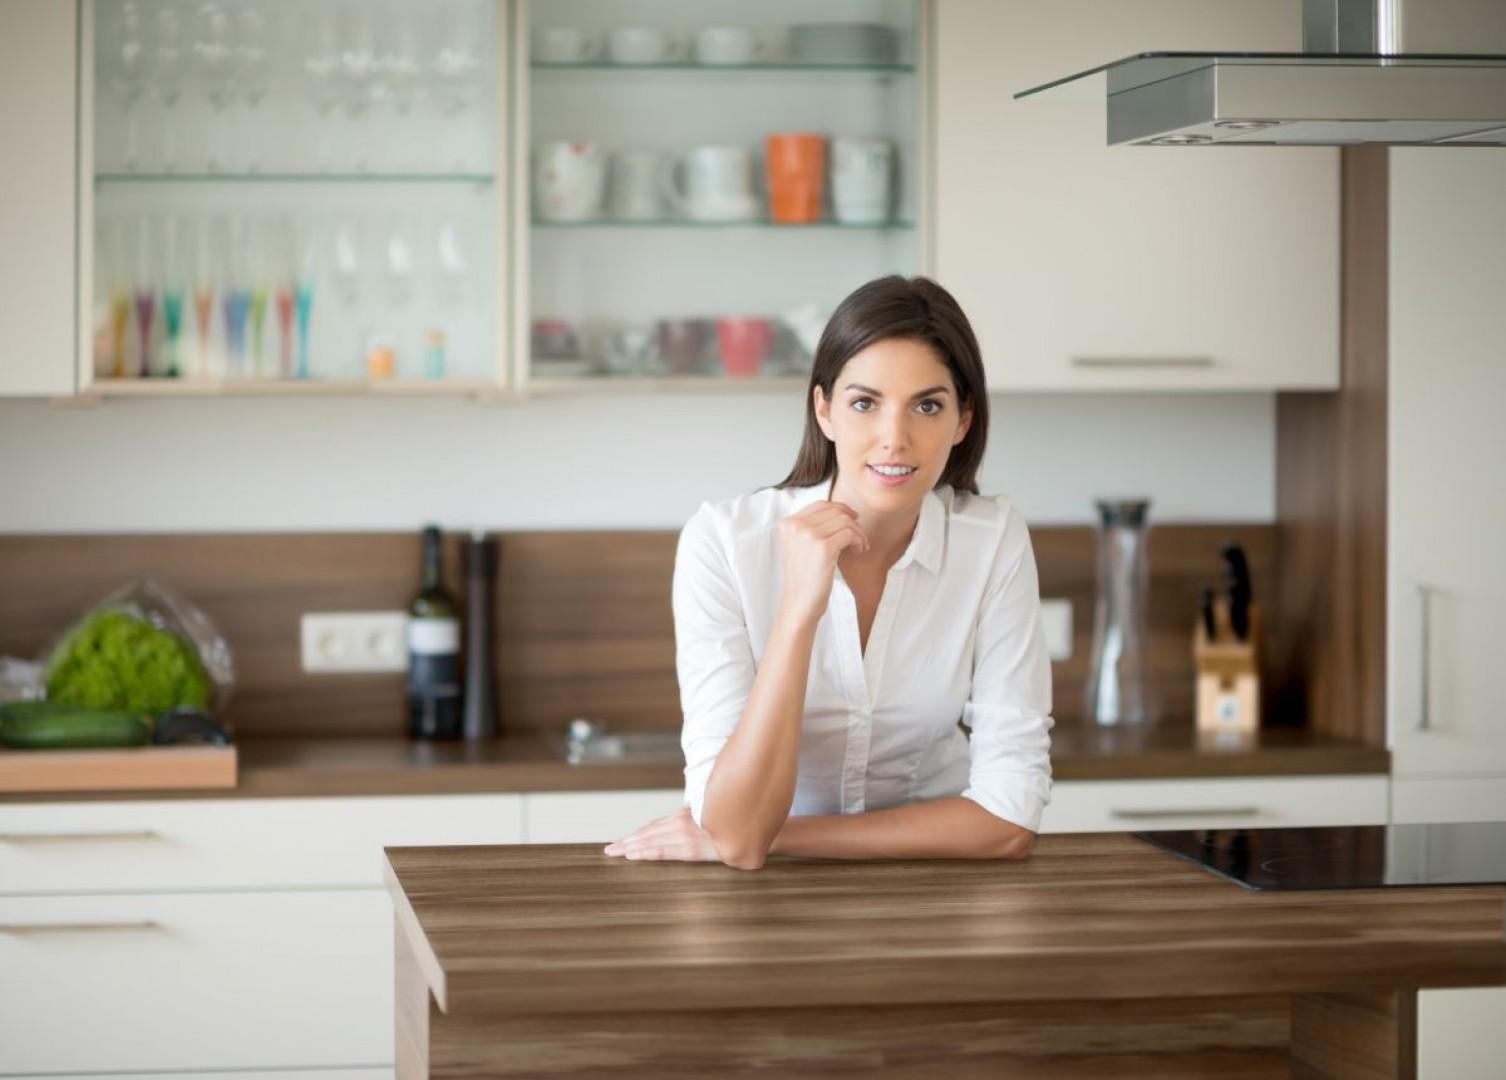 Kiedy urządzamy swoją wymarzoną kuchnię, musimy zadbać o to, aby  była nie tylko piękna, ale i funkcjonalna. Fot. Pfleiderer